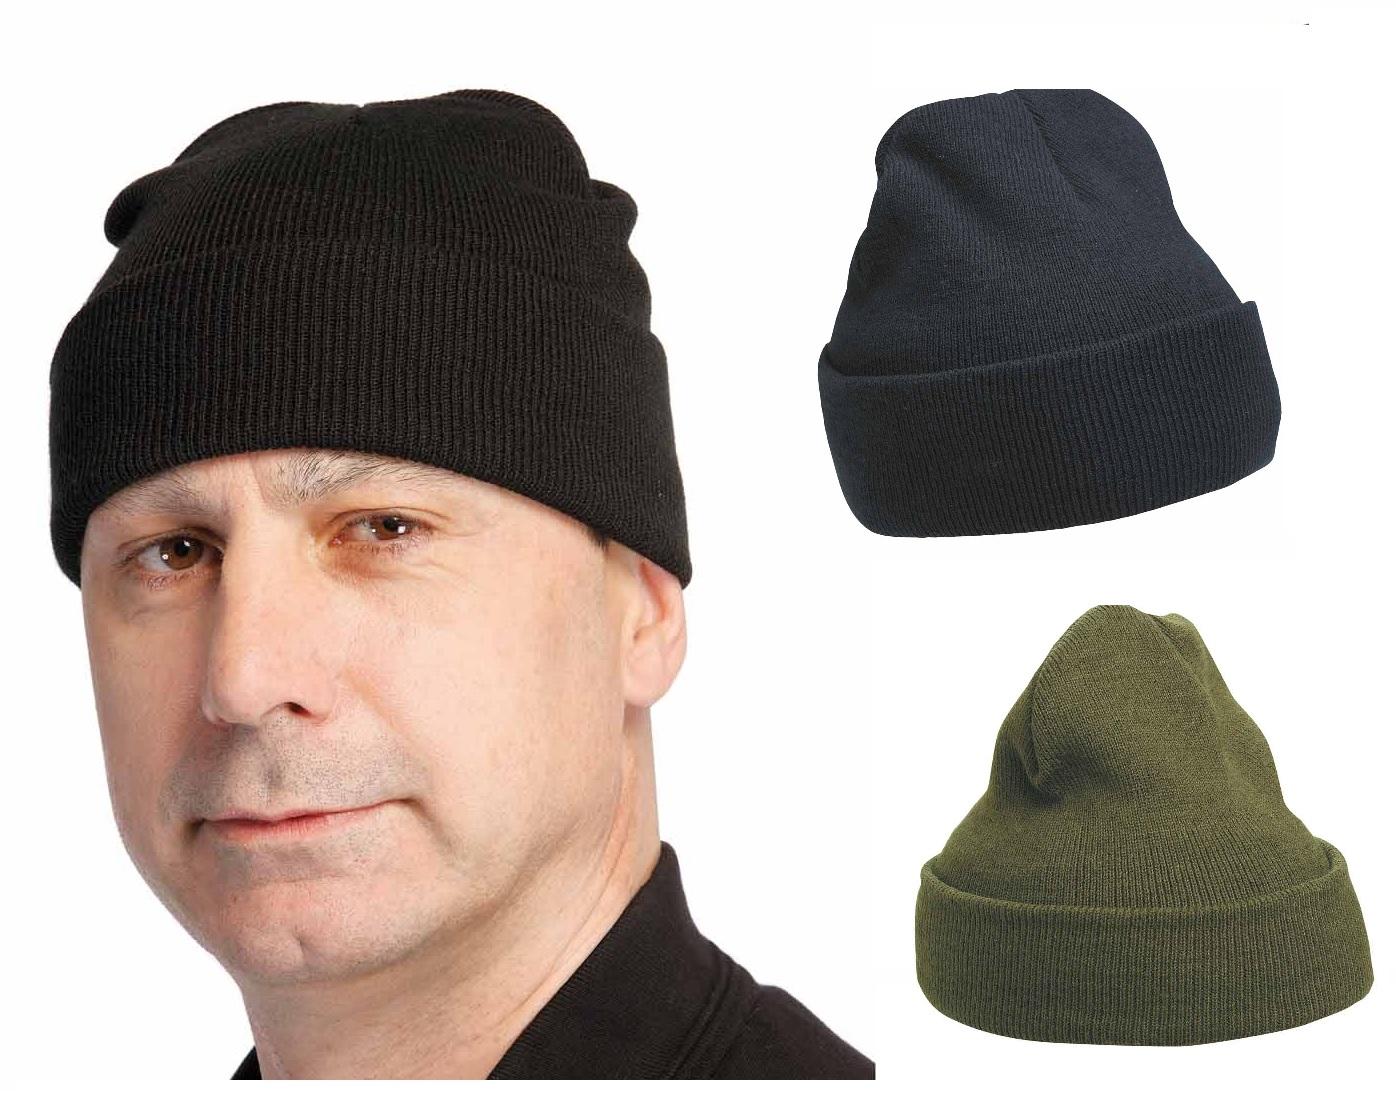 b0b9fa2073623 Pracovné odevy - Pletená čapica MESCOD/MASCOT 100% akryl 74g PA ...